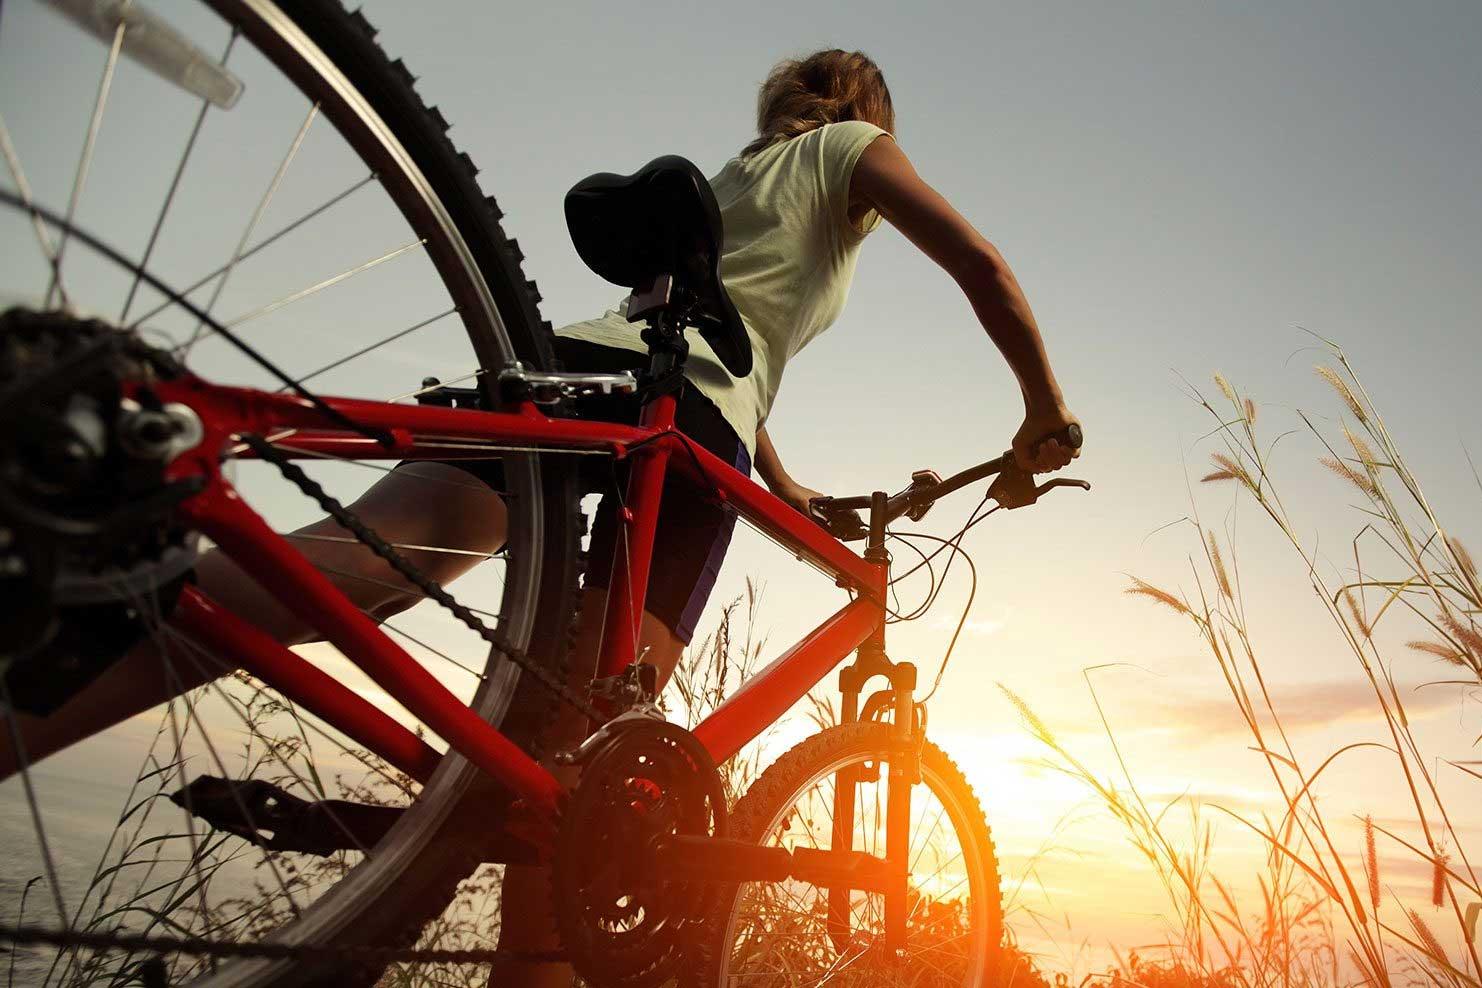 012-Trekking-Viros-Gorge-&-Biking-Villages